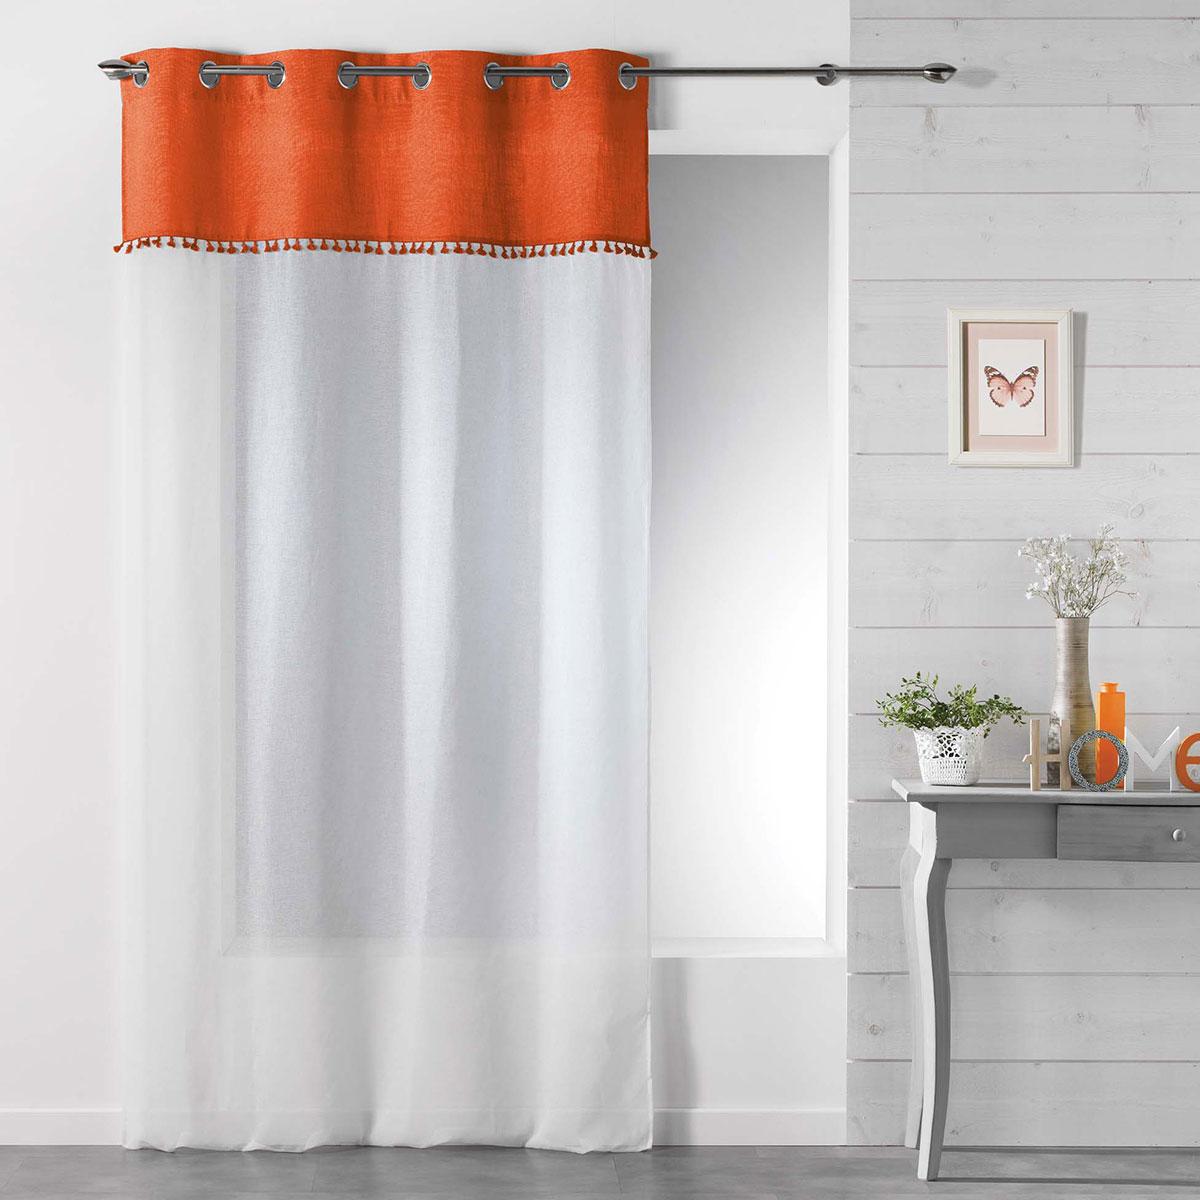 Voilage sablé à galon frangé - Orange - 140 x 240 cm